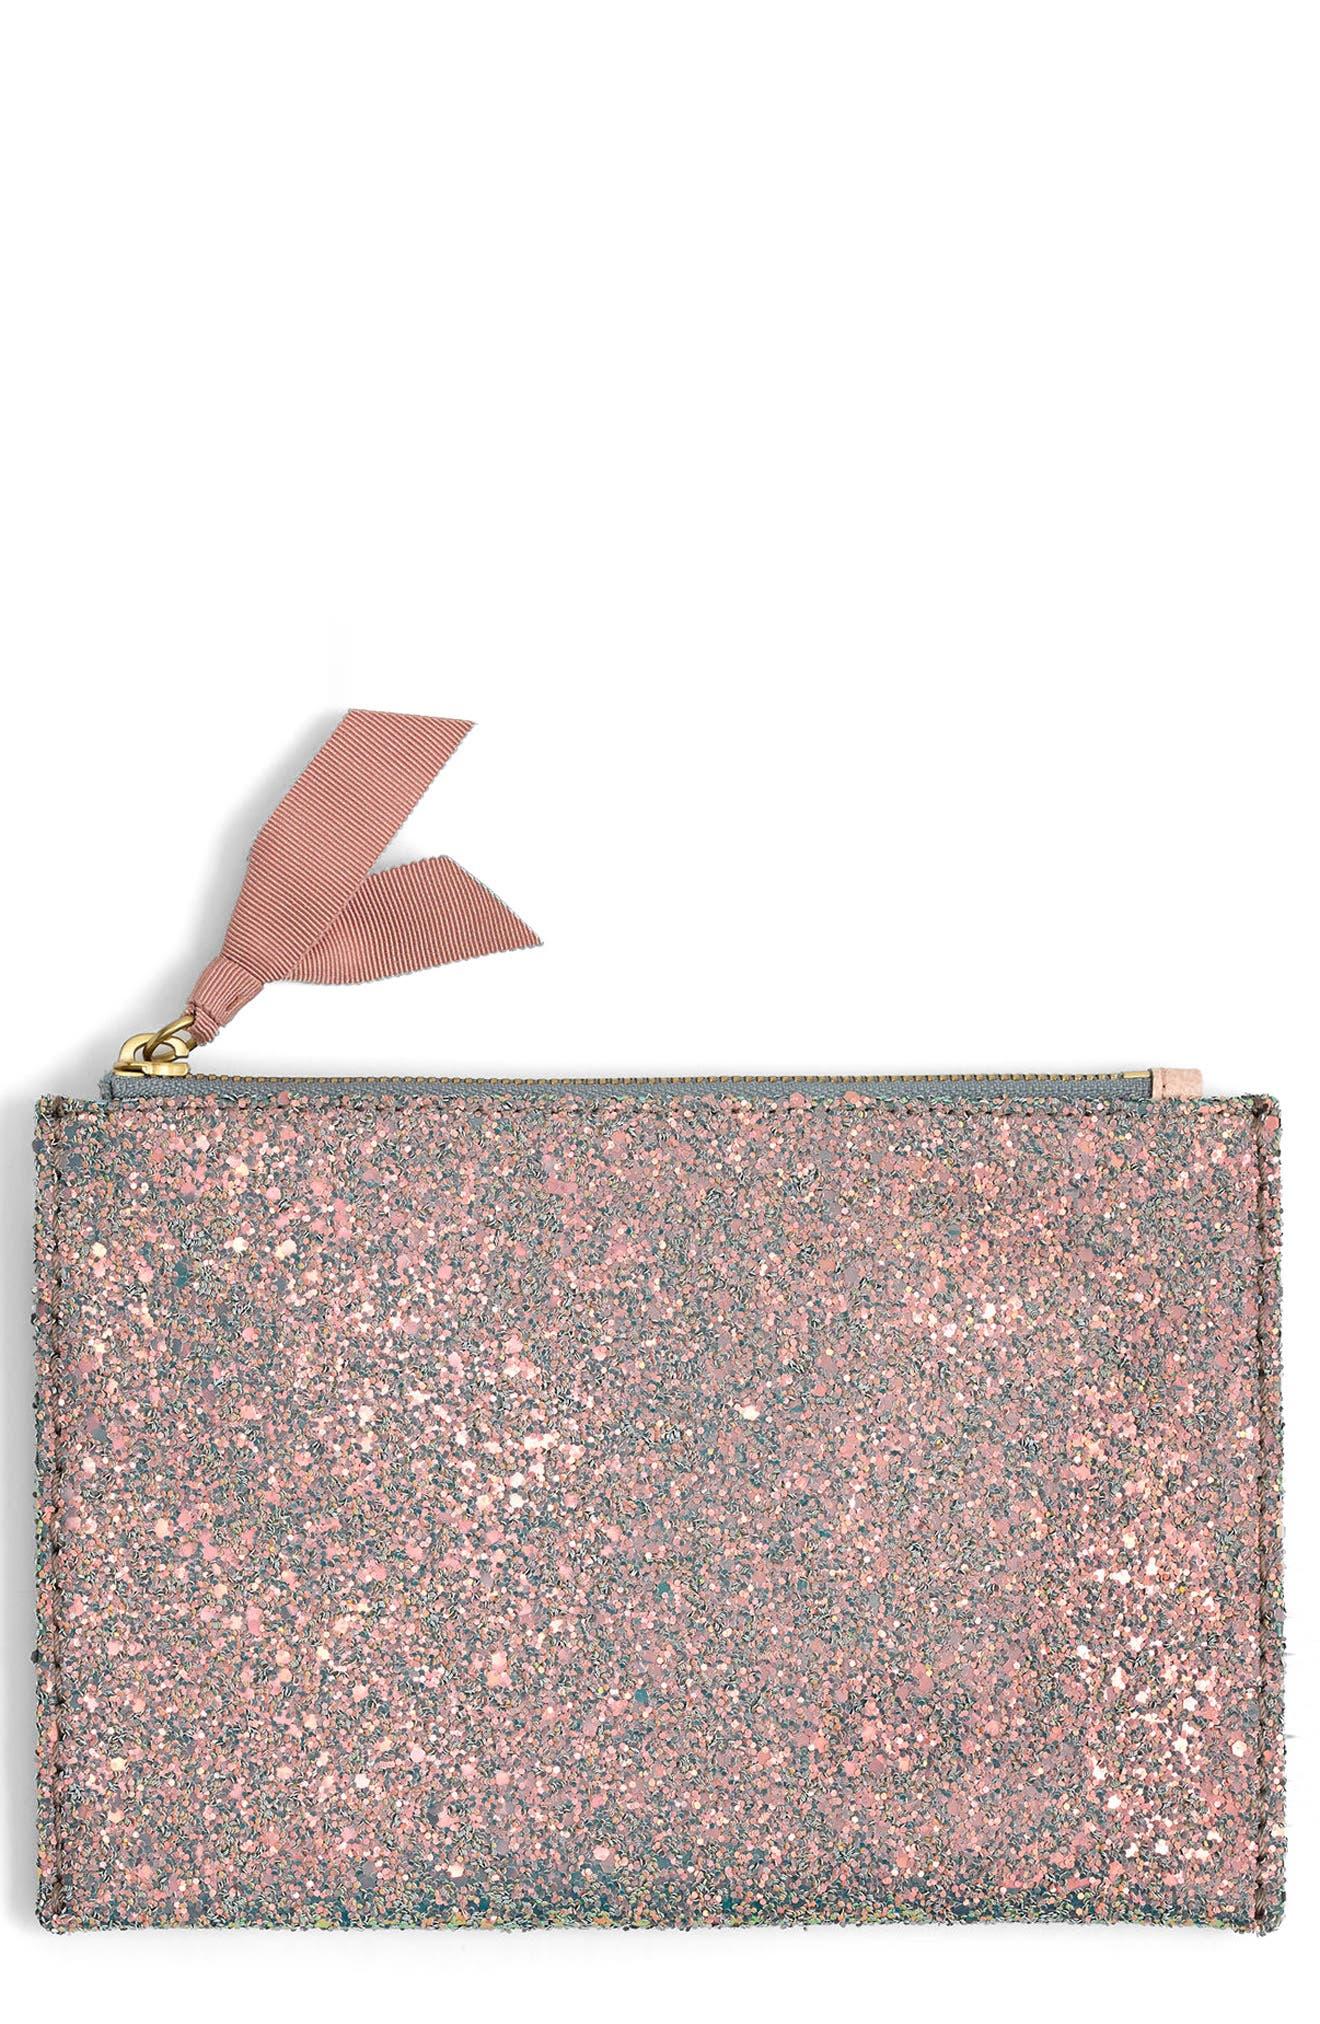 Medium Glitter Pouch,                         Main,                         color, 900